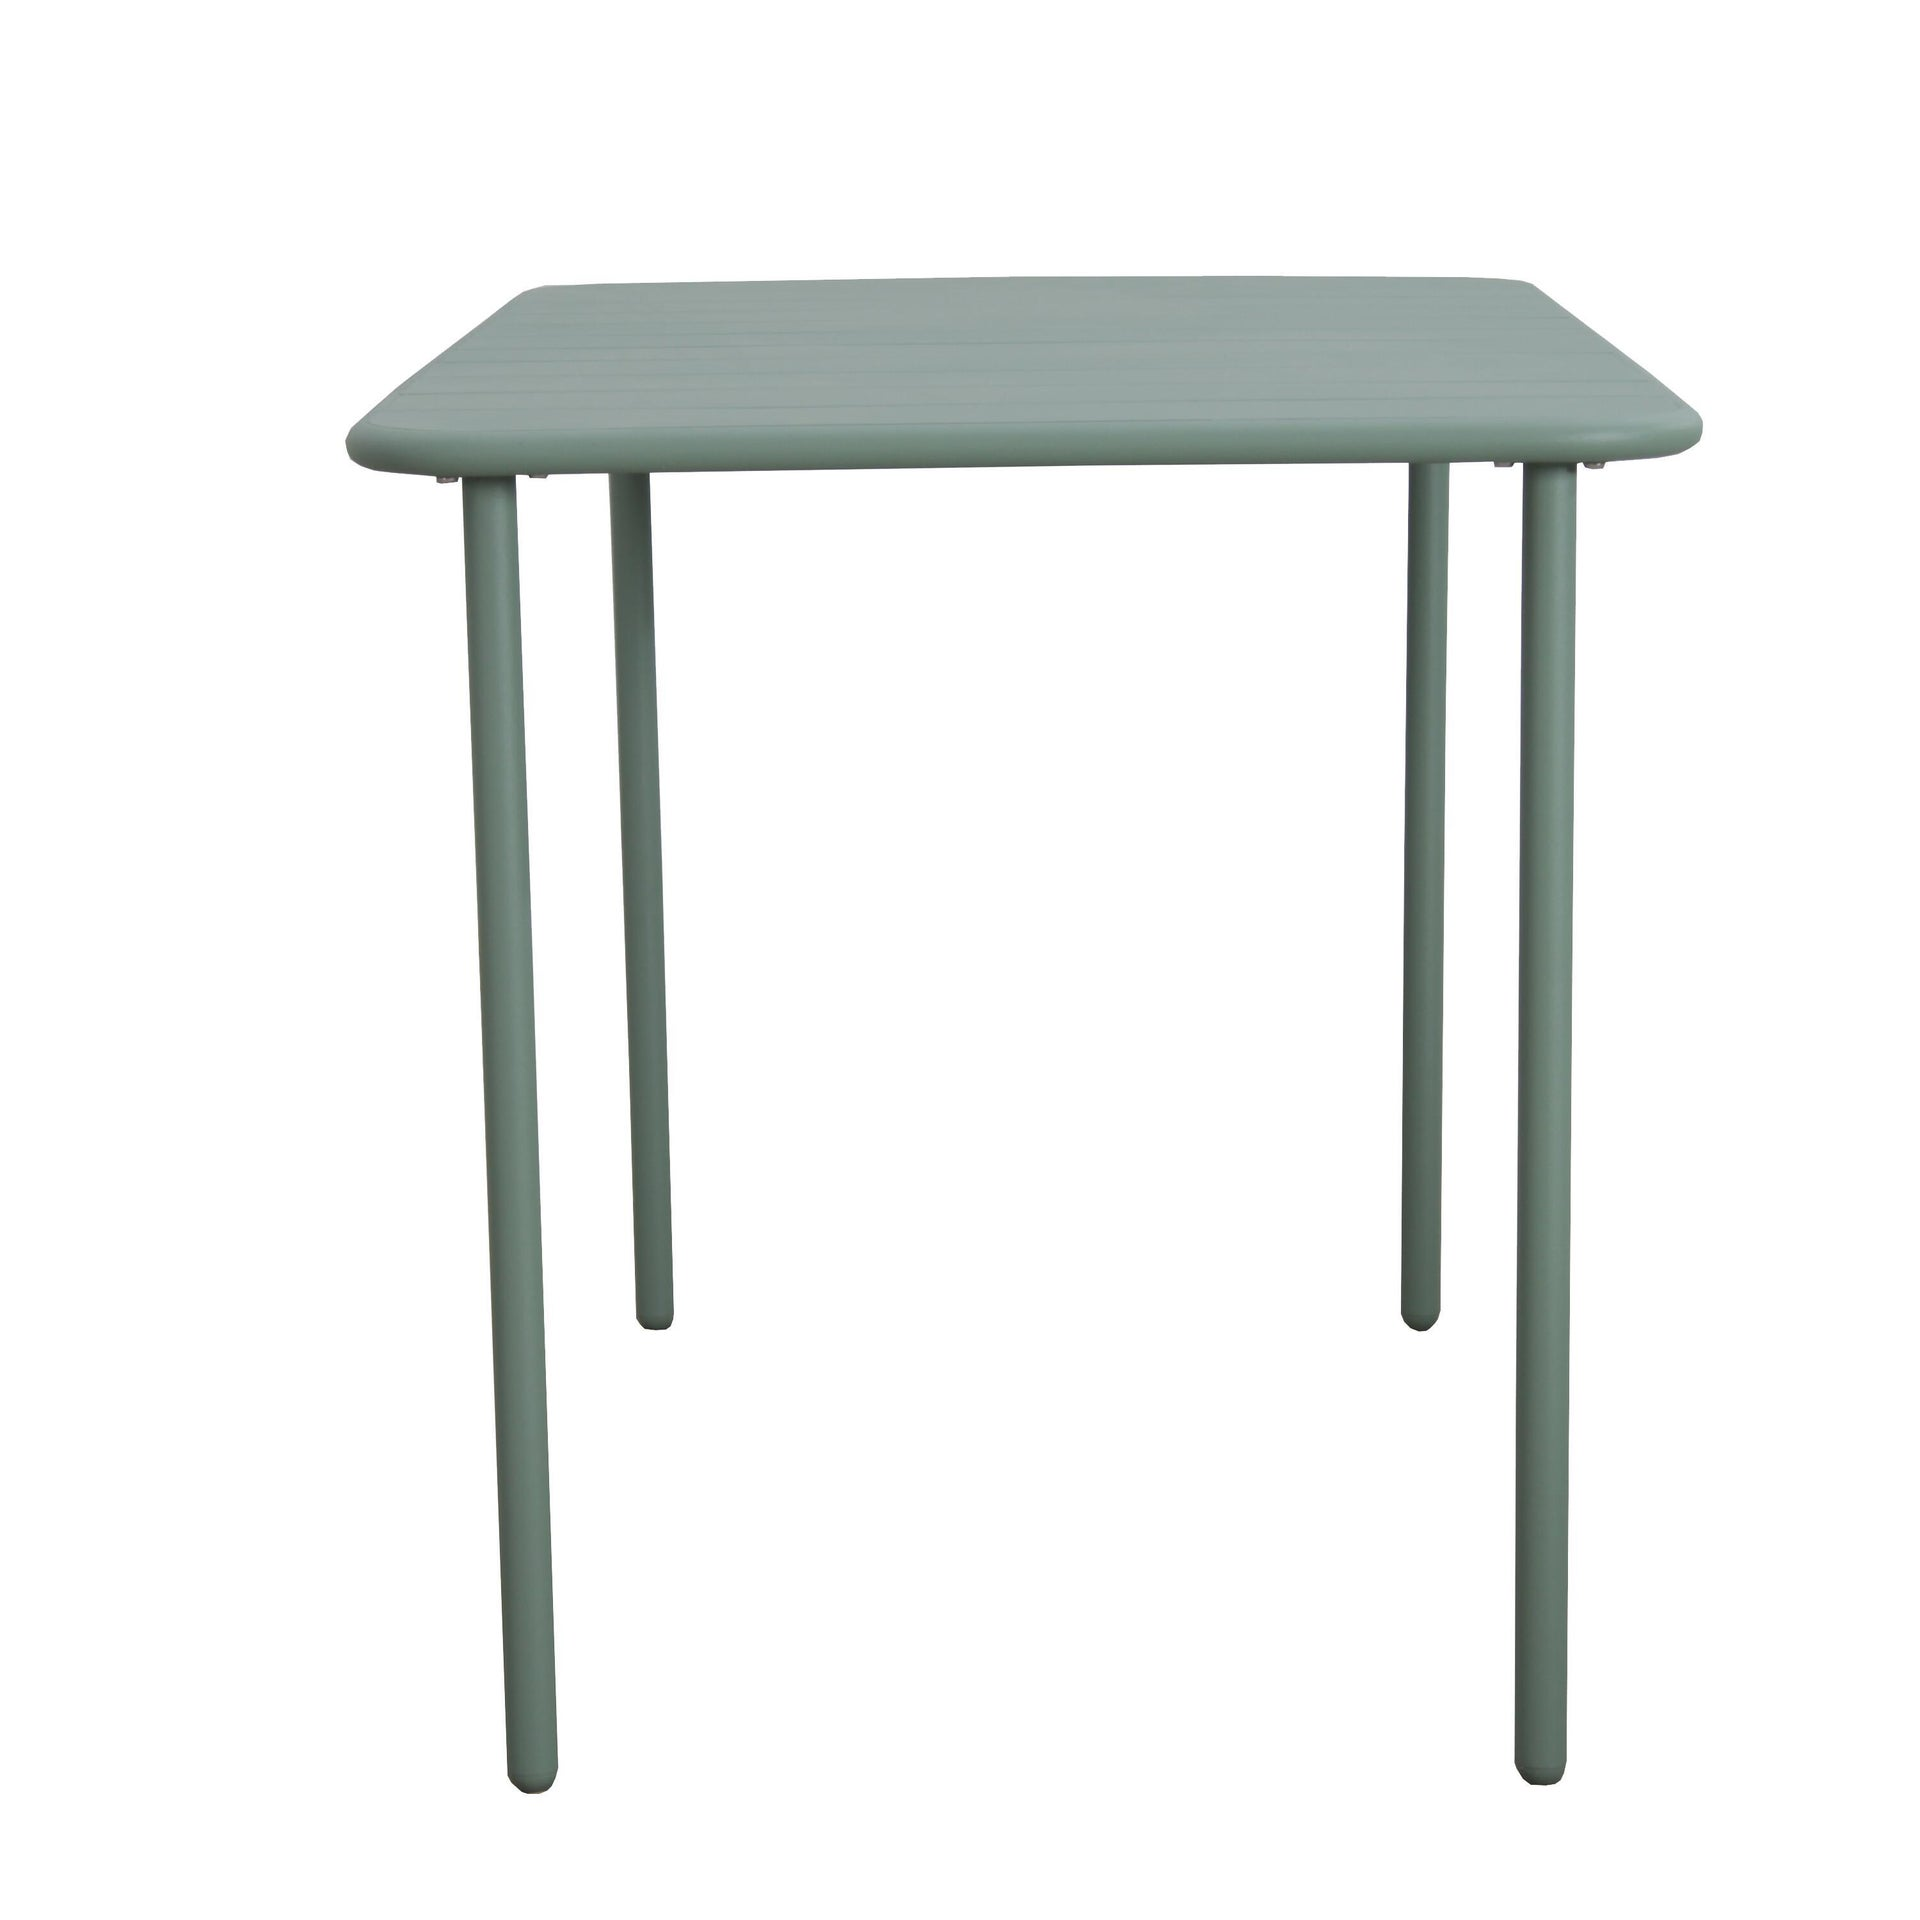 Tavolo da giardino rettangolare Cafe con piano in metallo L 70 x P 120 cm - 10